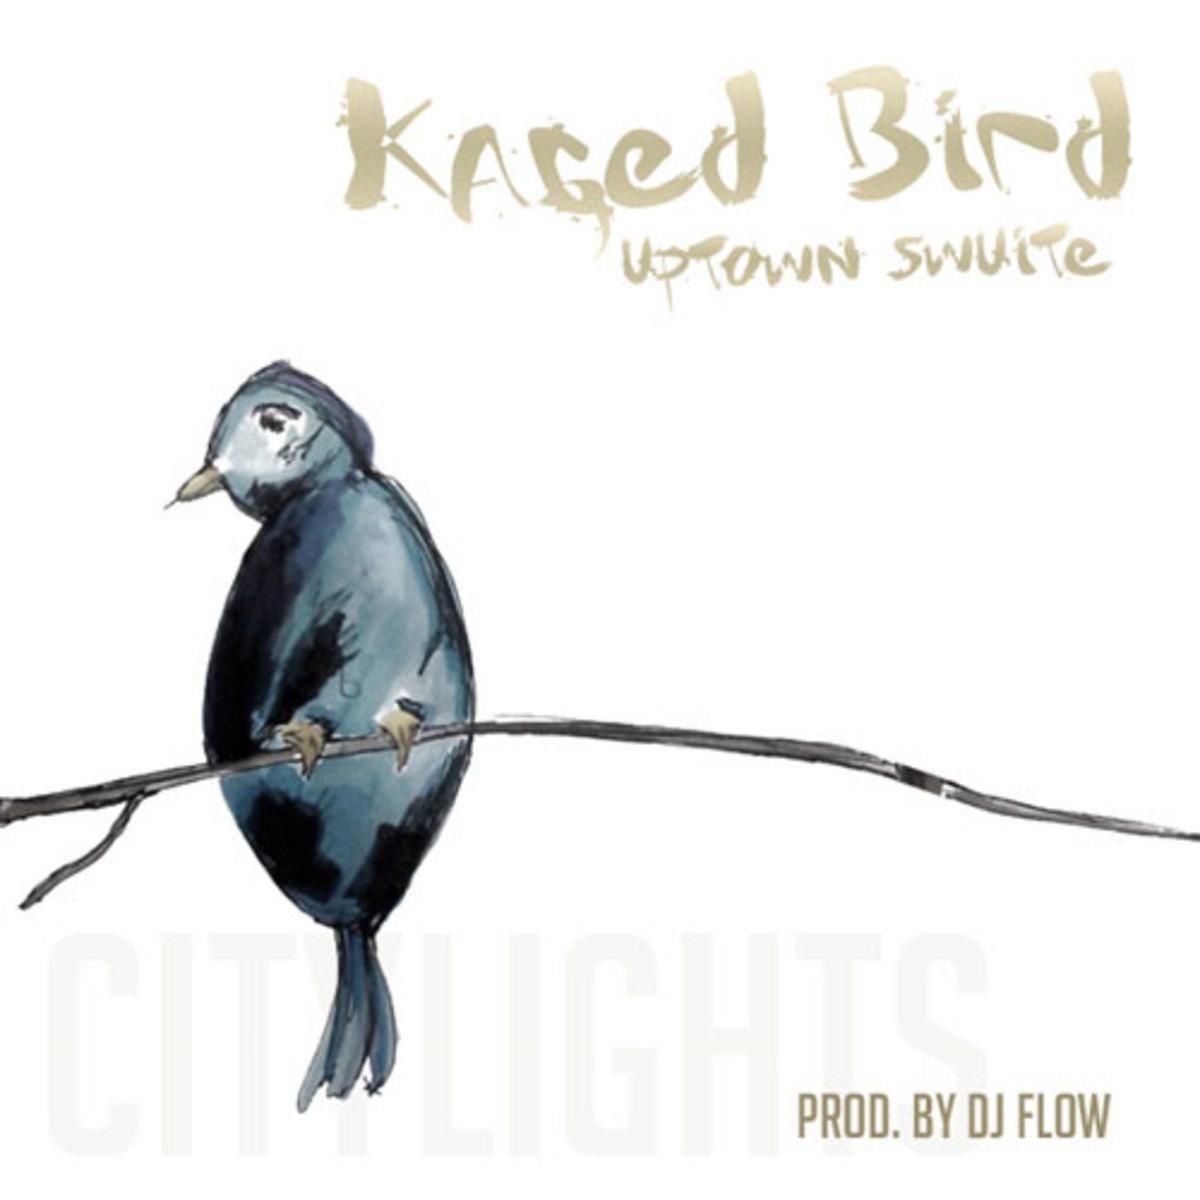 uptownswuite-kagedbird.jpg